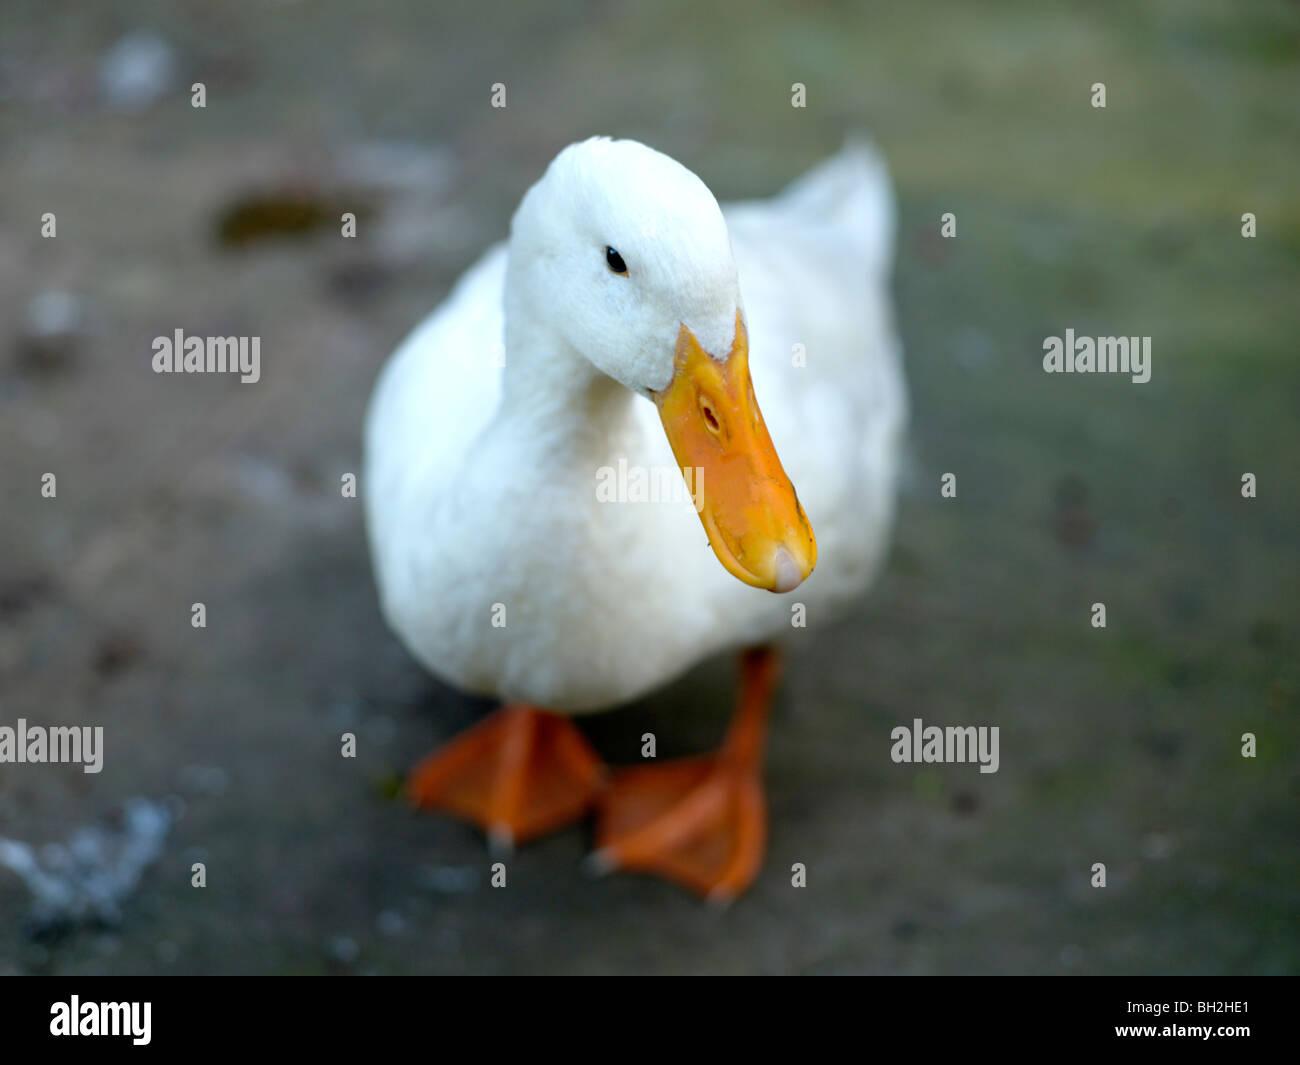 White duck with yellow beak - Stock Image